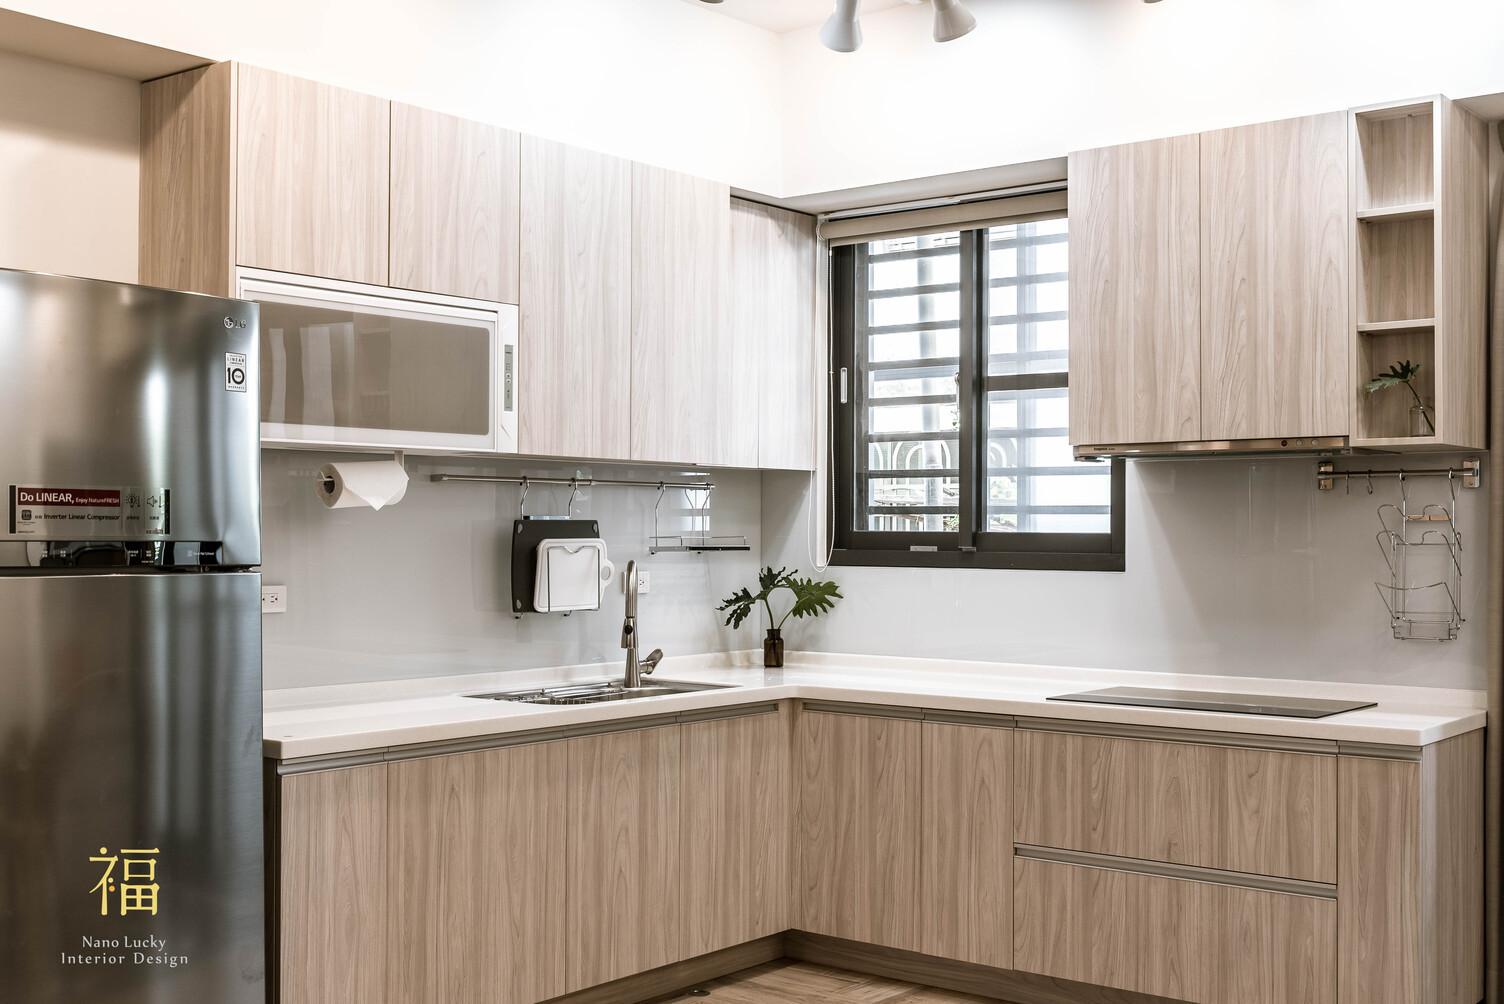 Nanolucky小福砌空間設計-小蘋果之家-住宅設計-現代北歐風-舊屋翻新-廚房系統廚櫃